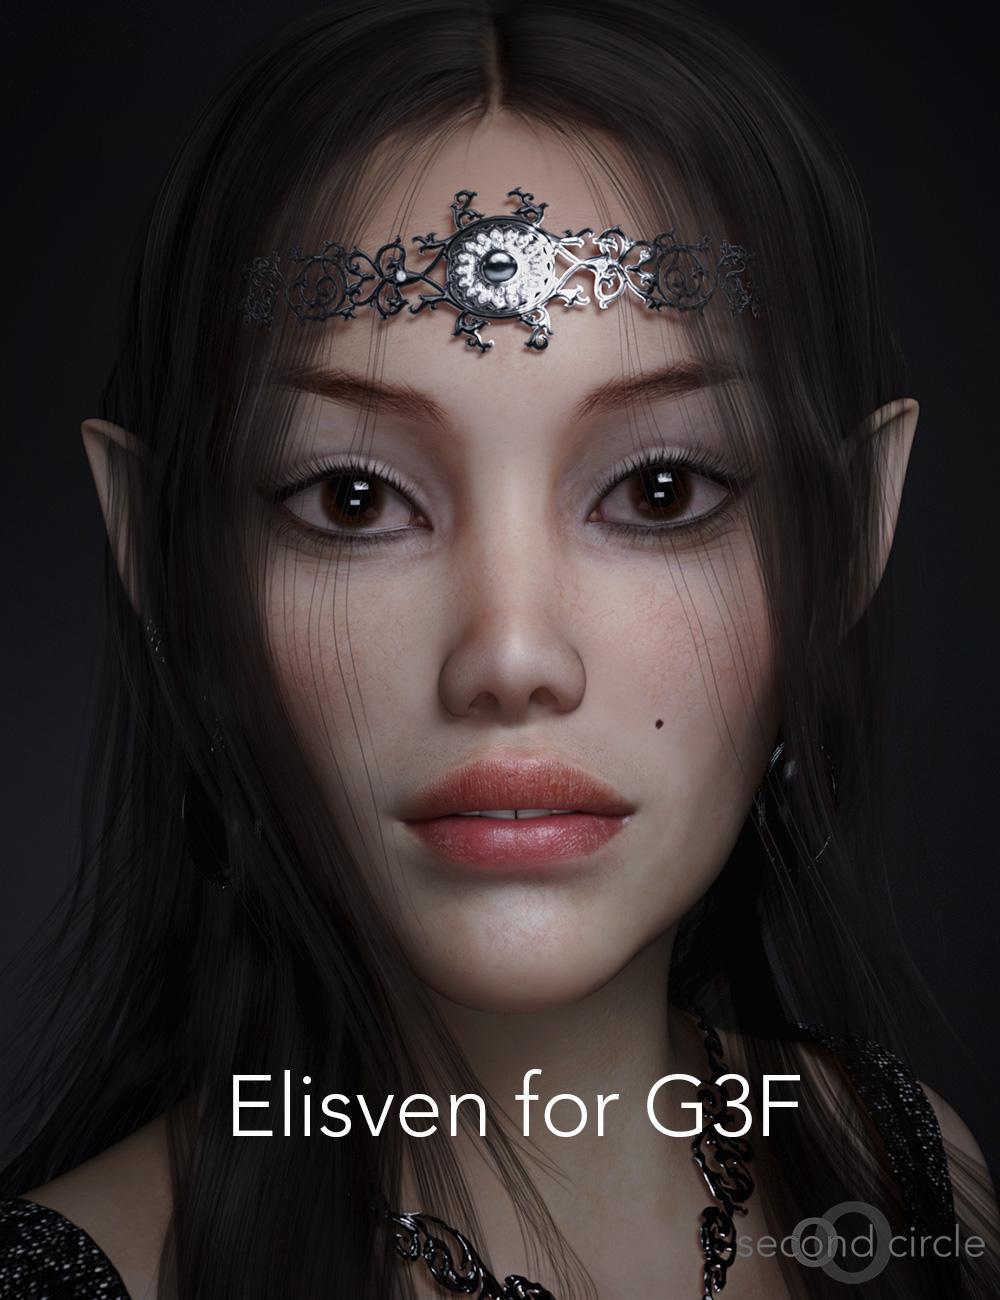 Elisven for G3F